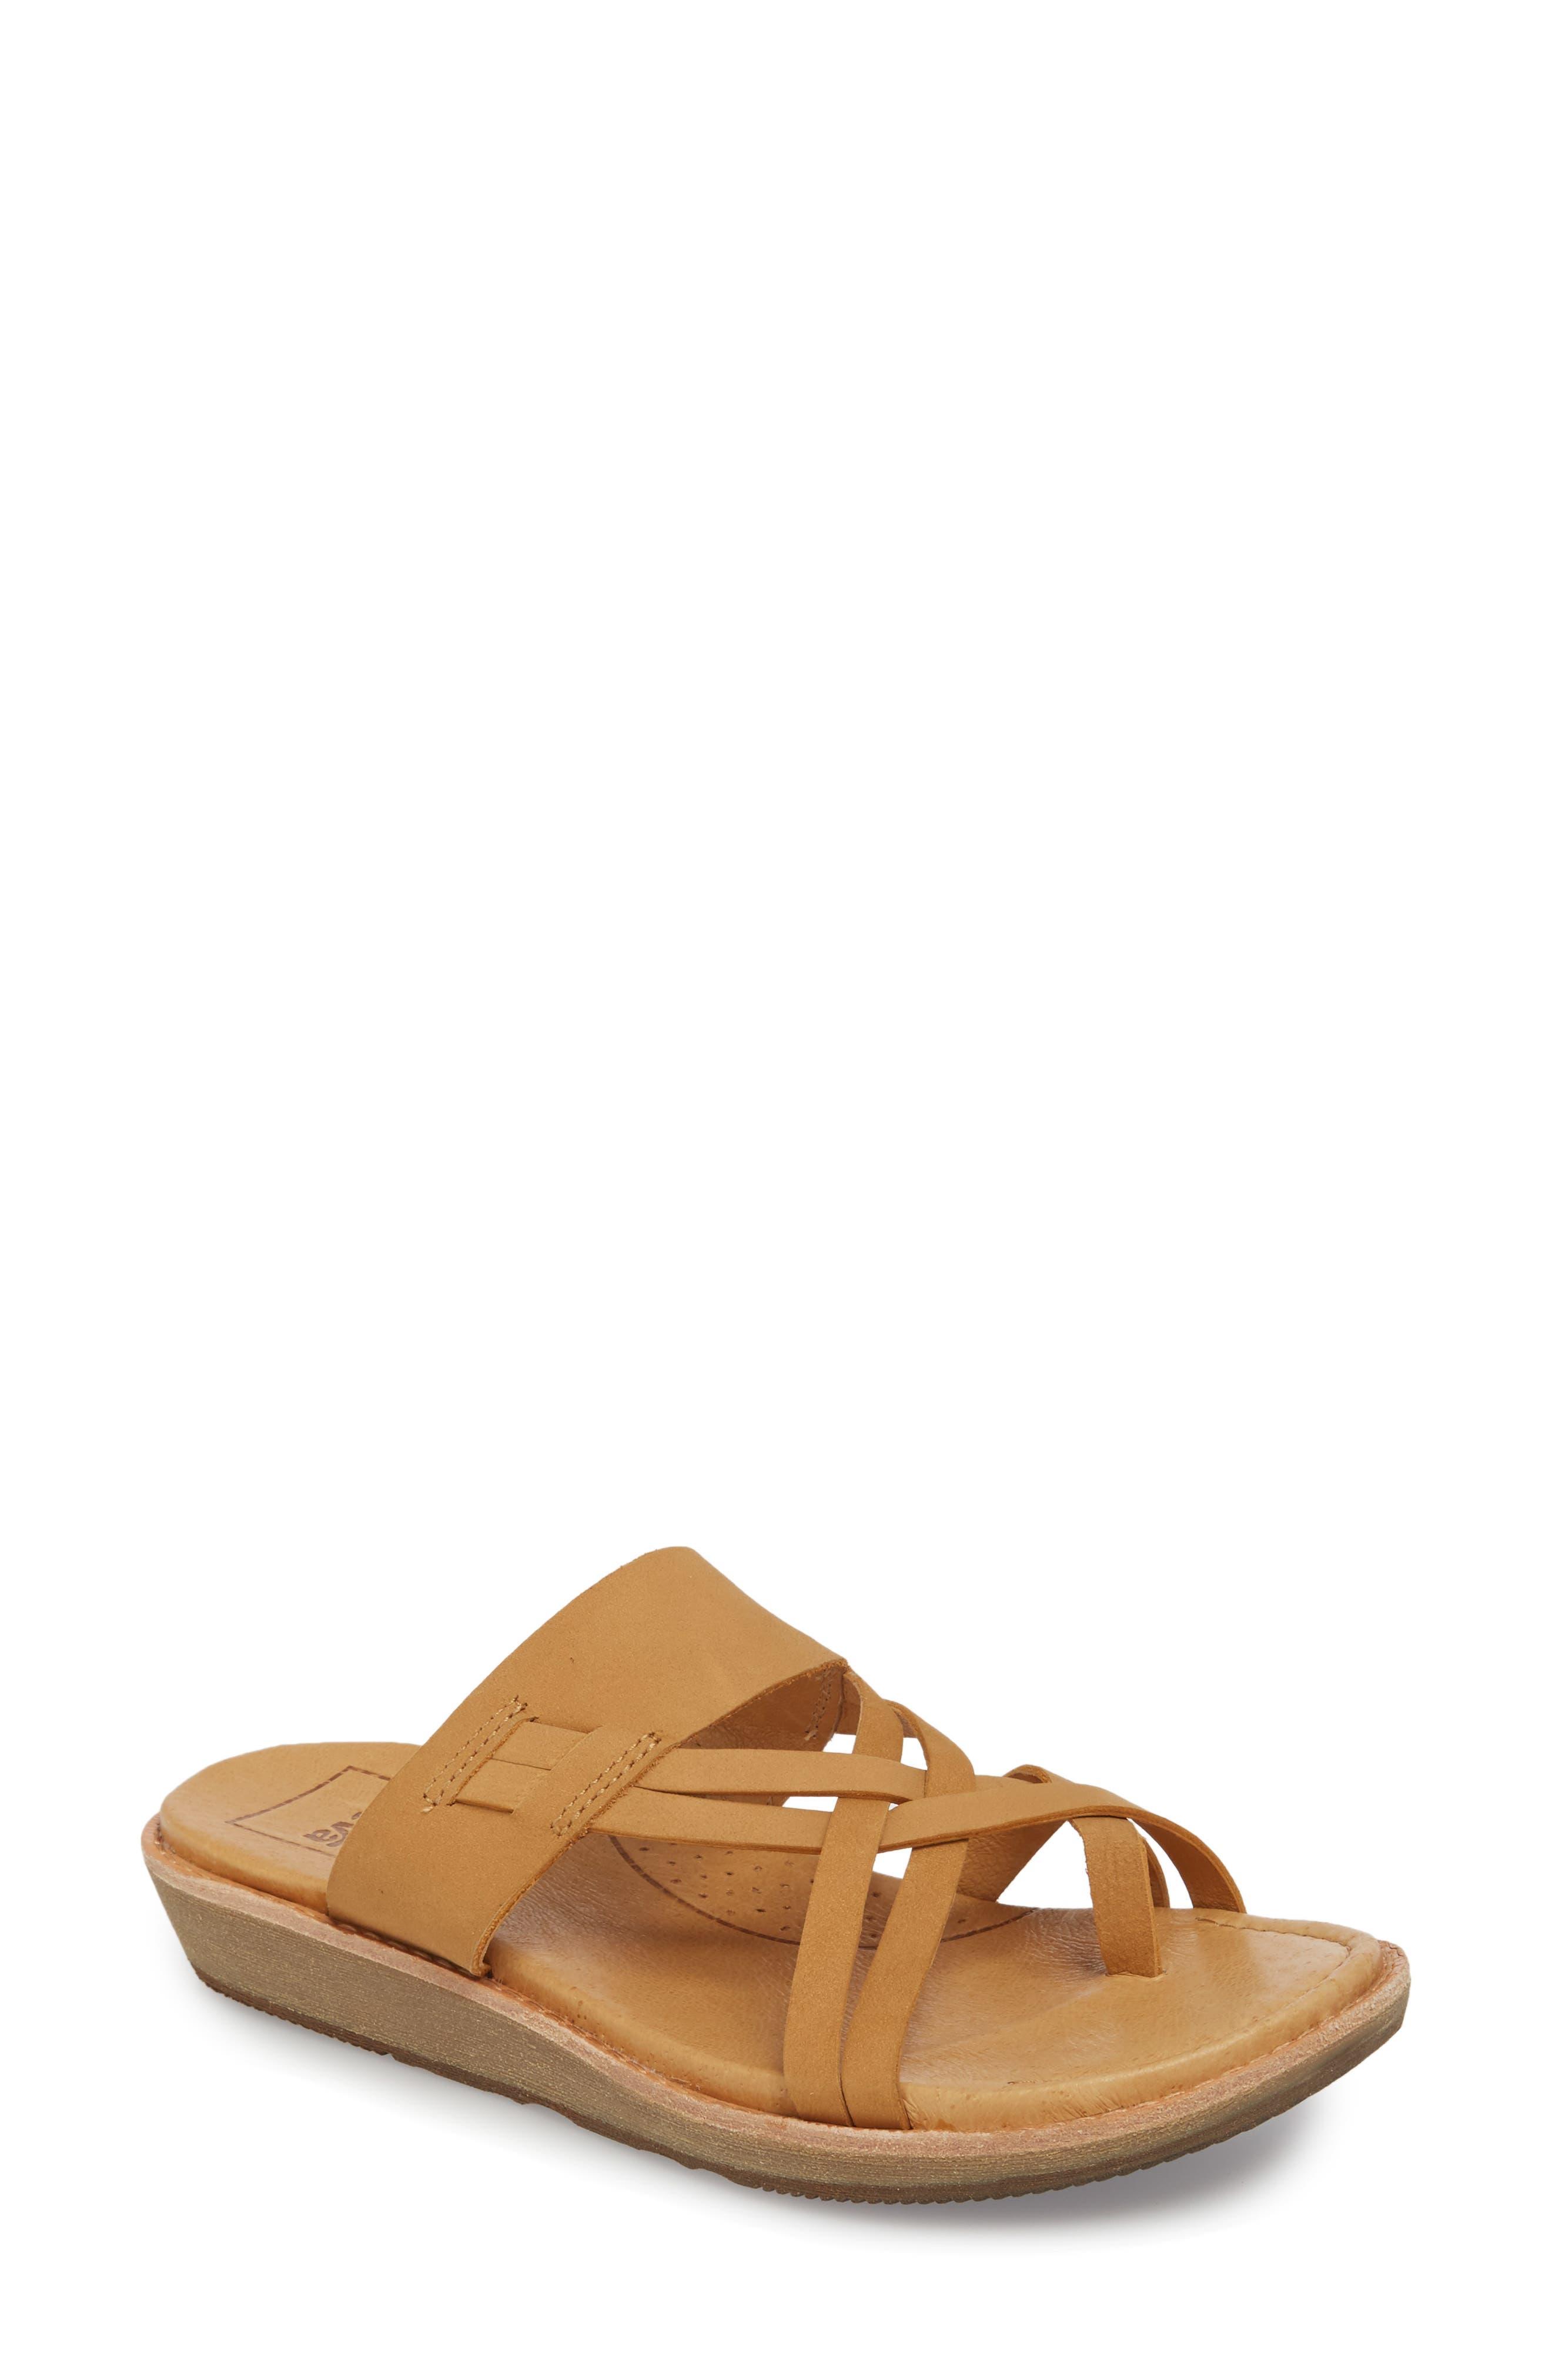 Encanta Slide Sandal,                         Main,                         color, 252